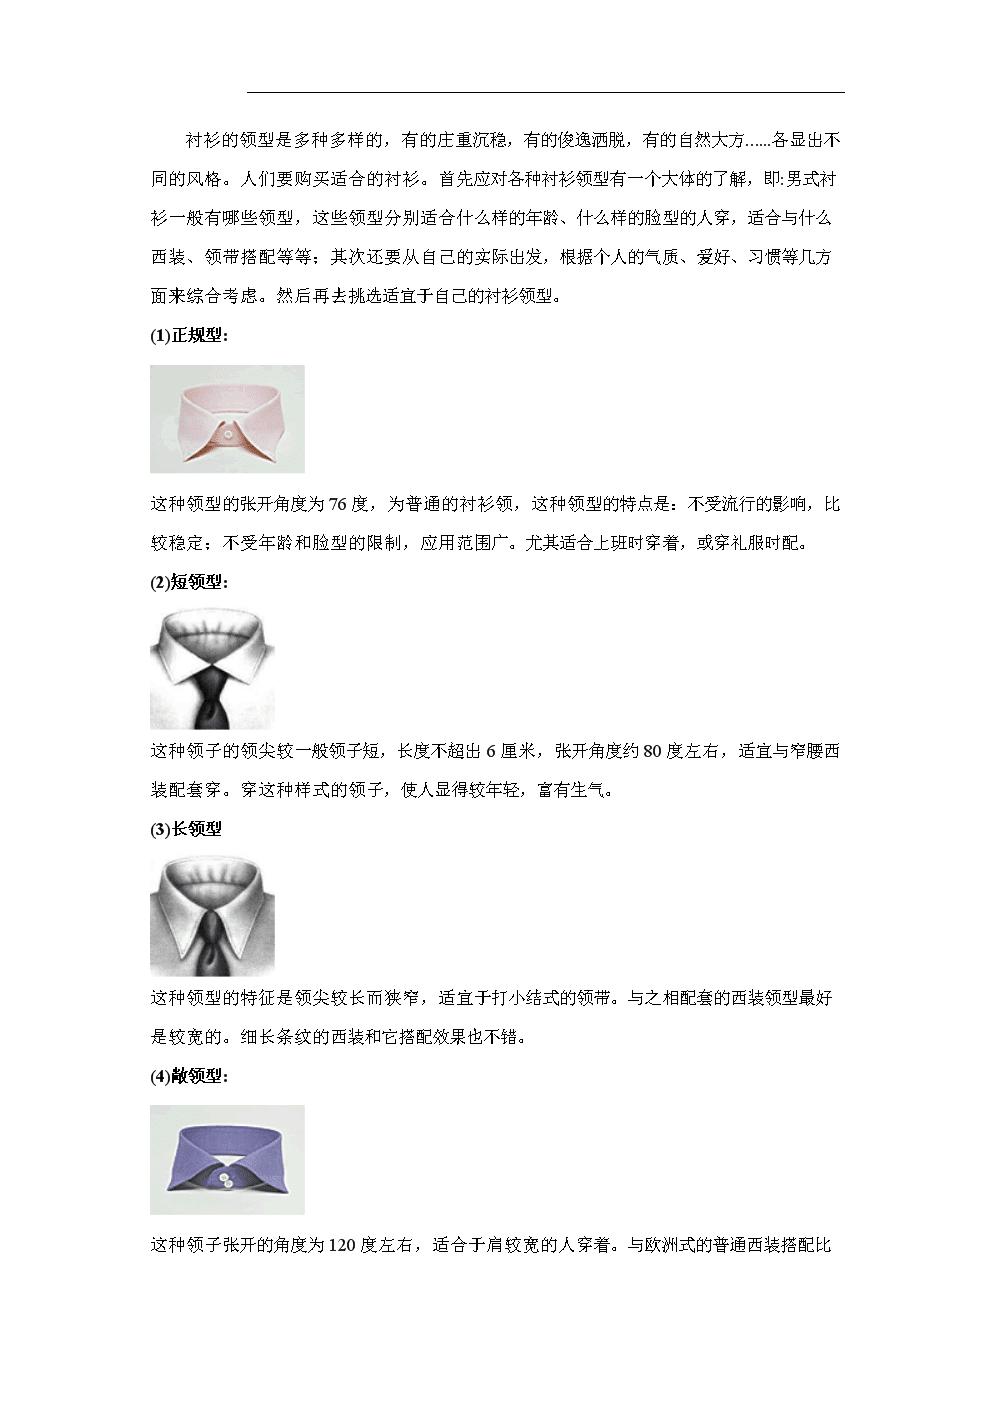 衬衫领形-高级服装定制.doc